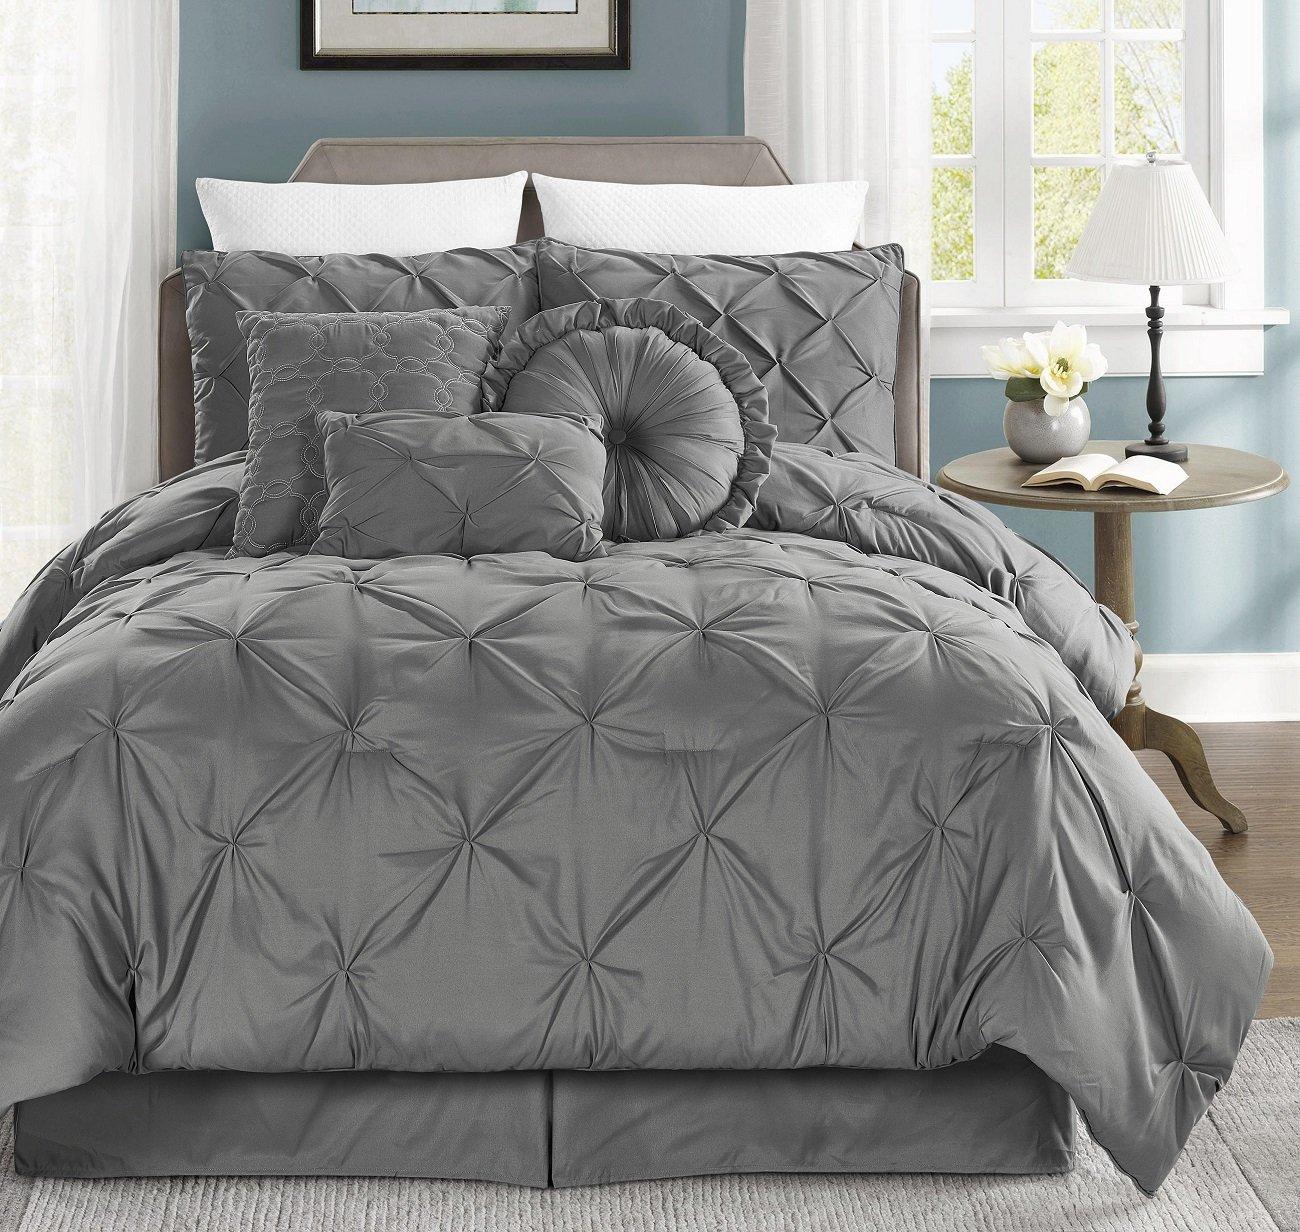 Pinch Pleat Puckering Comforter Set 4 Piece Girls White